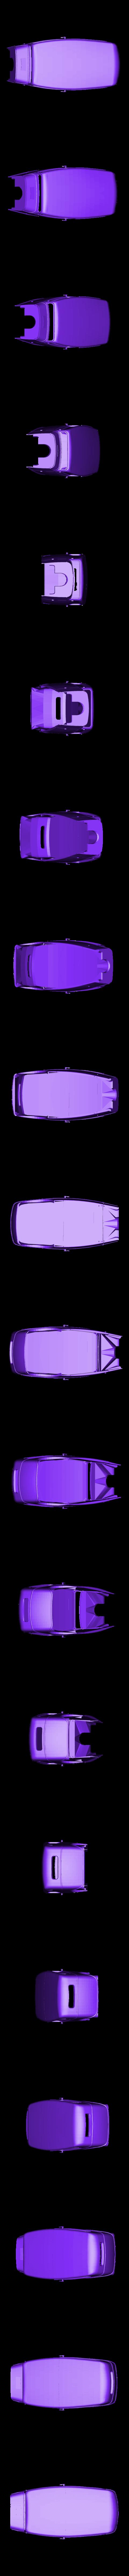 hotrod complet.stl Download STL file Fury road hotrod bodyshell 1/10 • 3D printing design, RCGANG93